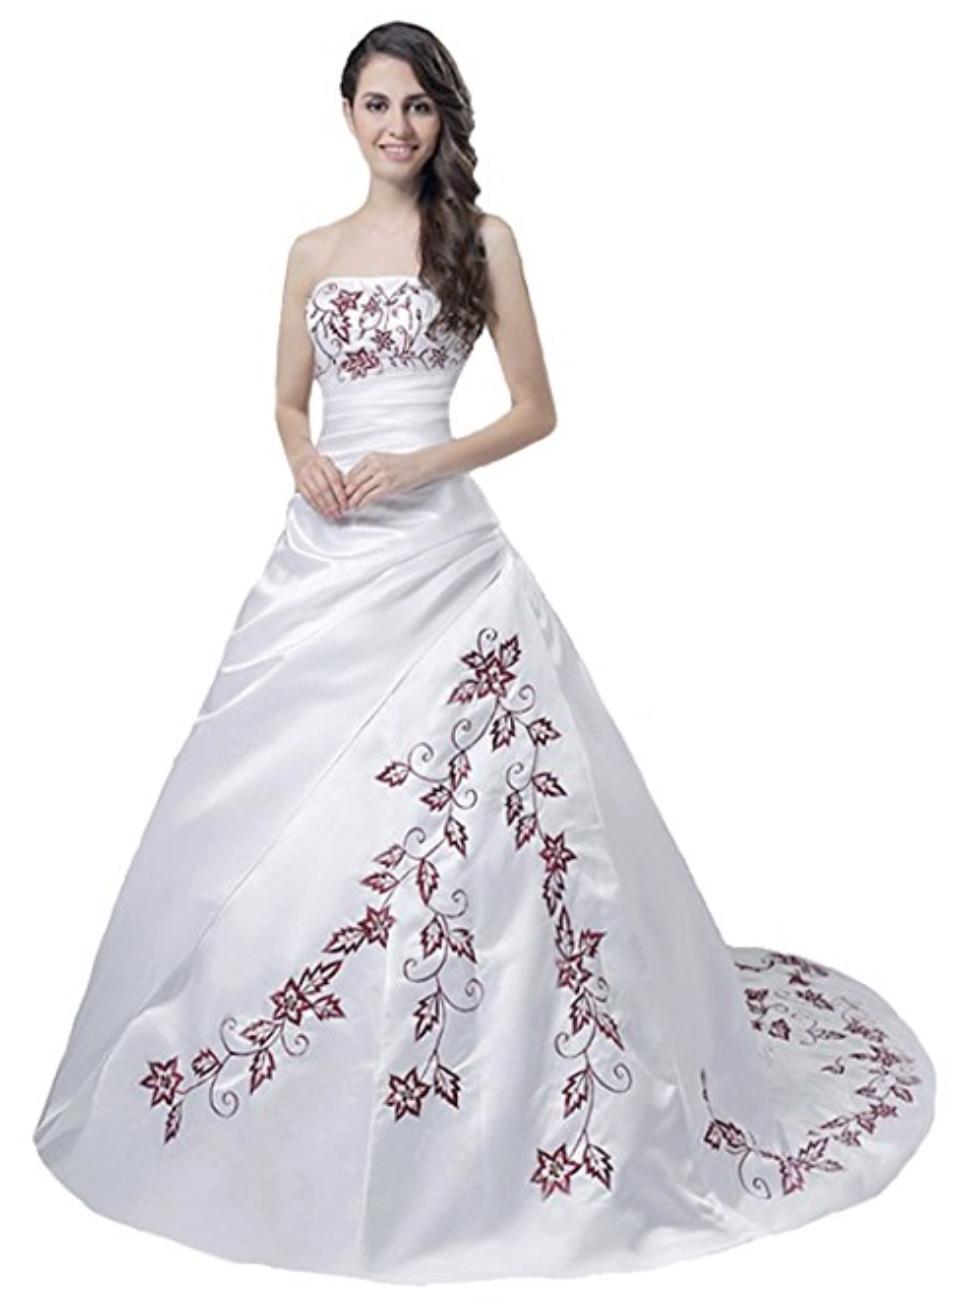 Hochzeitskleid Brautkleid Weiß Rot Prinzessin Elegant Edel Wedding